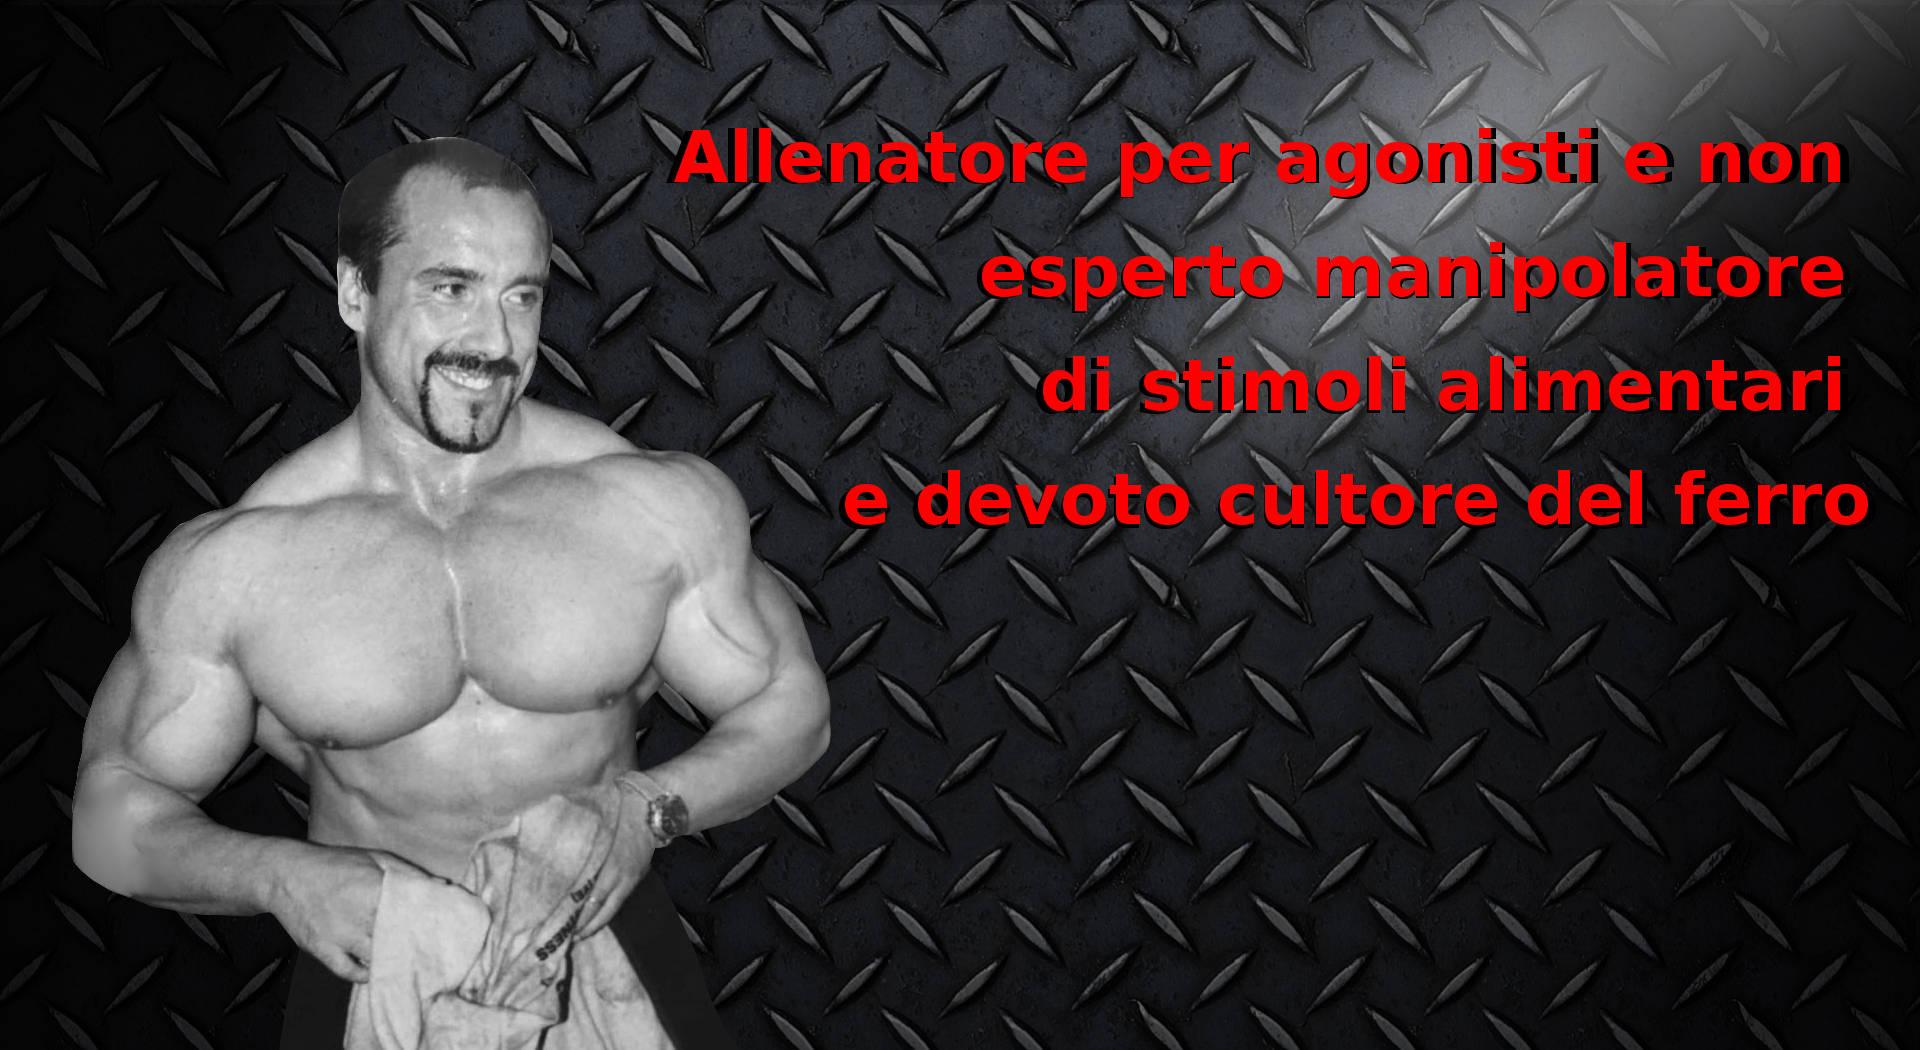 piero_nocerino_slide2_1920_1050_tx